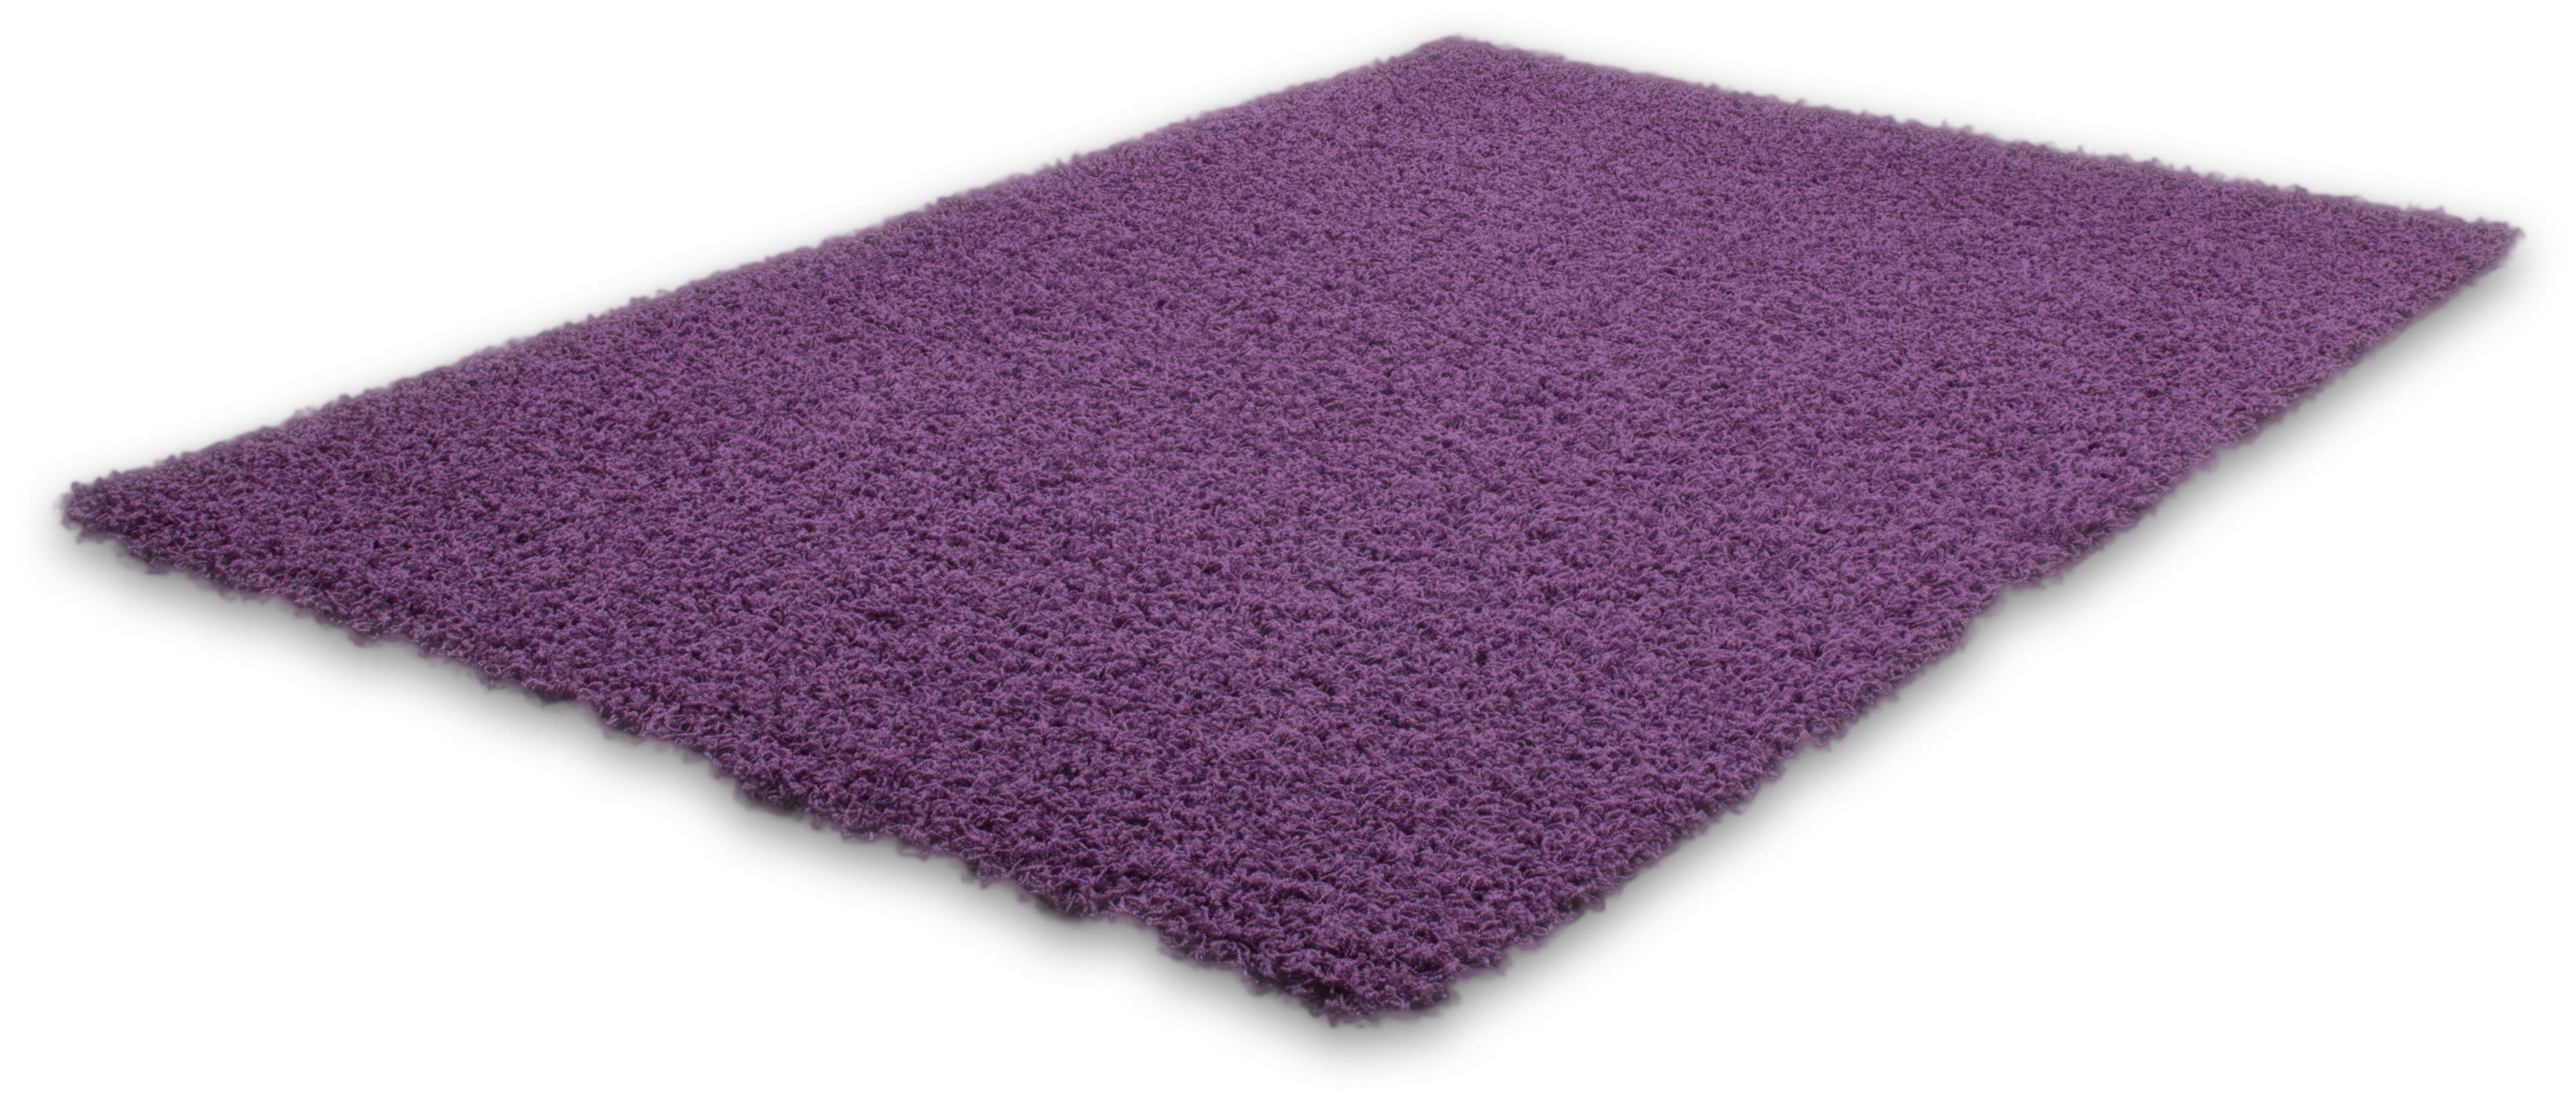 Hochflor Teppich Relax Lalee Rechteckig Höhe 45 Mm Maschinell Gewebt Jetzt Bestellen Unter Https Moebel Ladendirekt De Lila Teppich Teppich Textilien